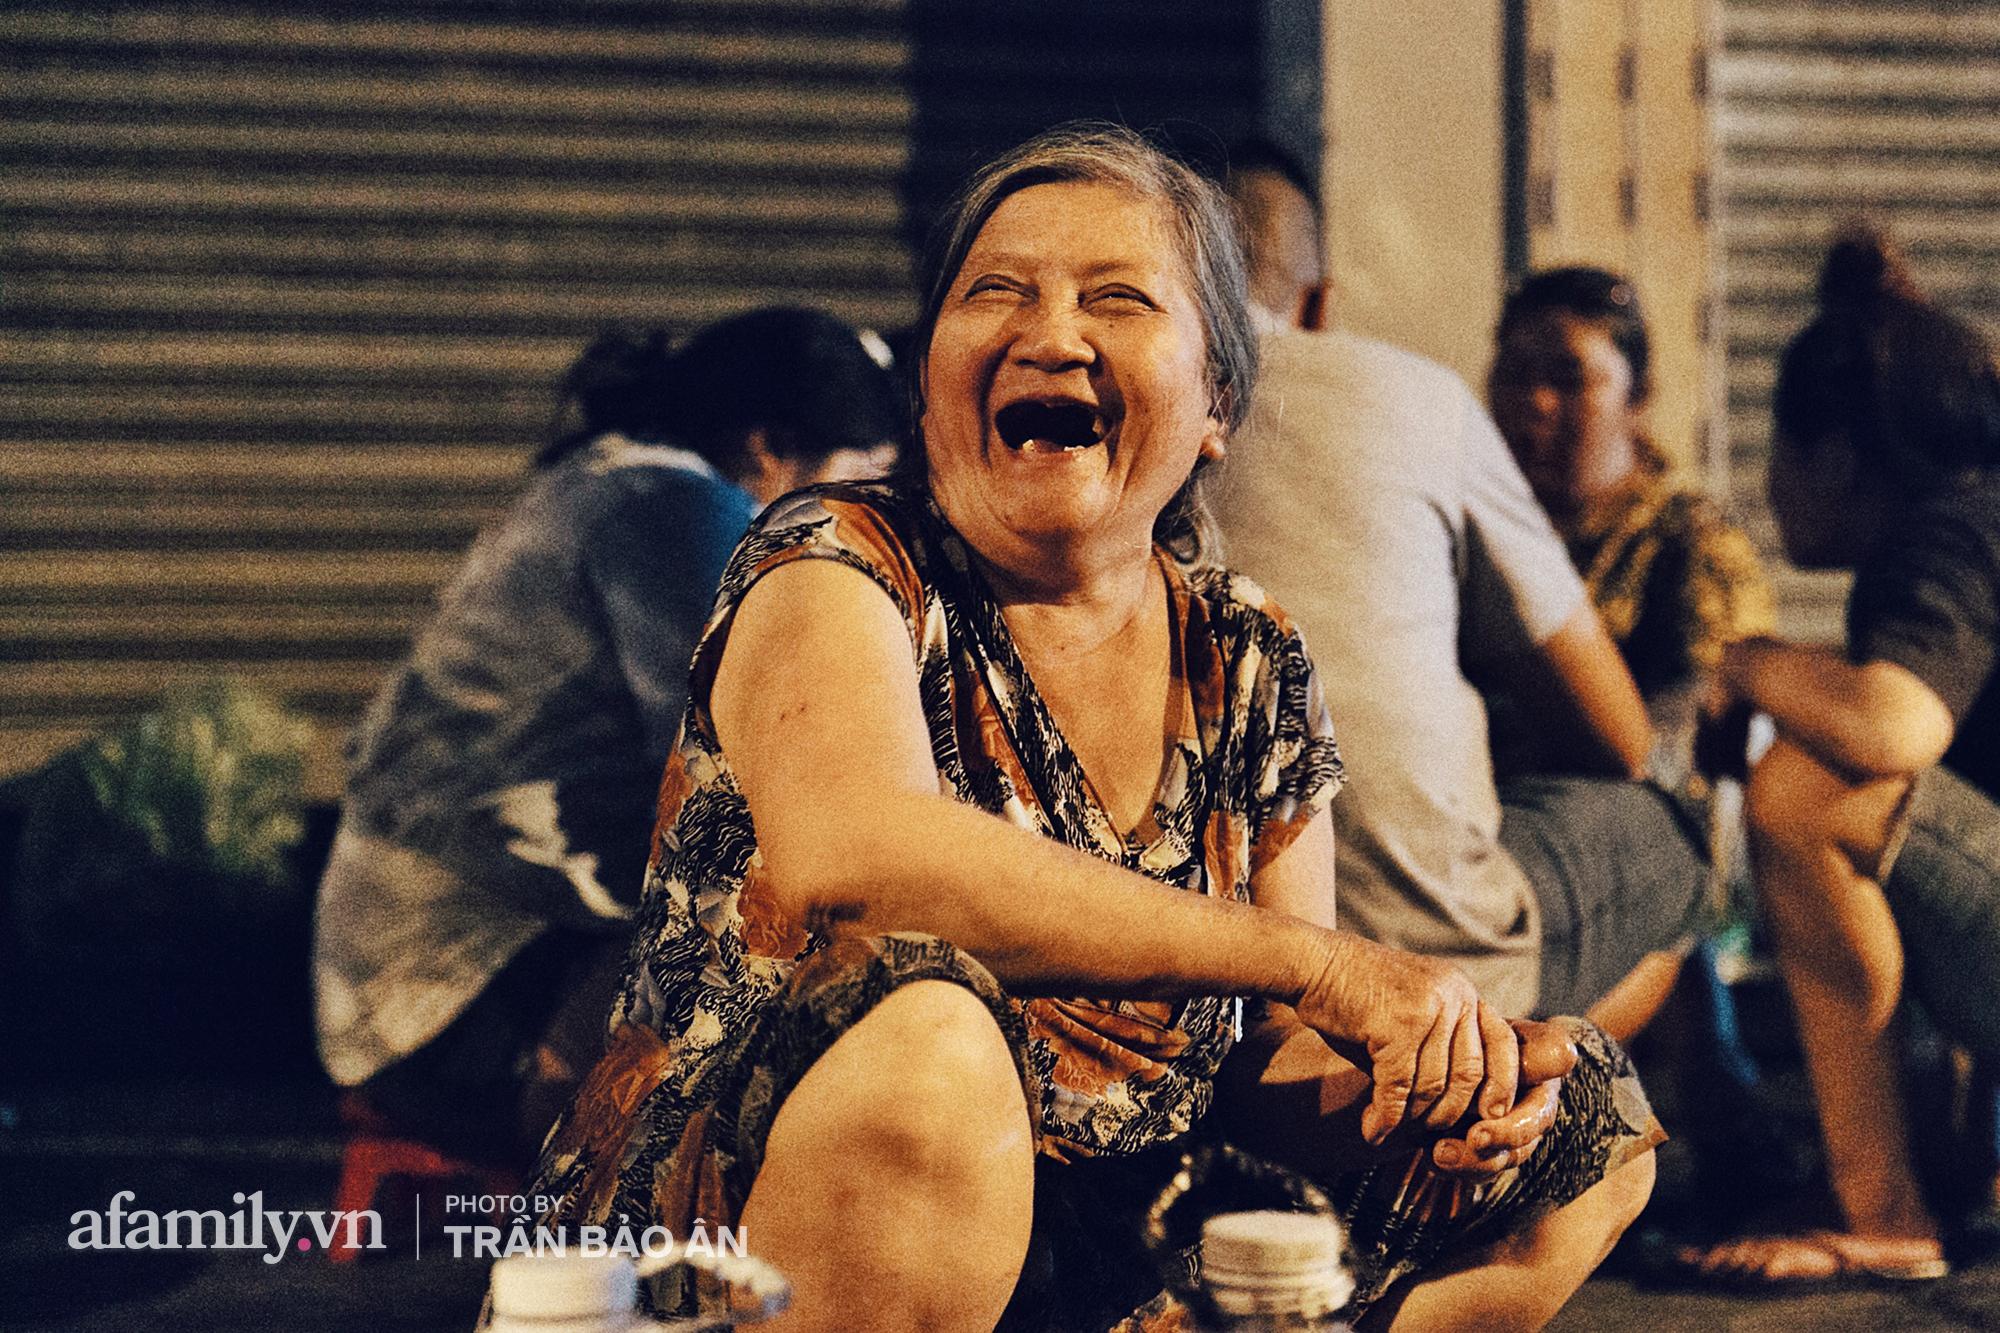 """Hàng """"ốc đèn đường"""" của bà cụ gần 70 tuổi đang nổi tiếng ở Sài Gòn, lạ đời khi khách tới thấy rẻ là than, nhiều người phụ bán không công chỉ trong 1 tiếng là hết sạch hàng - Ảnh 2."""